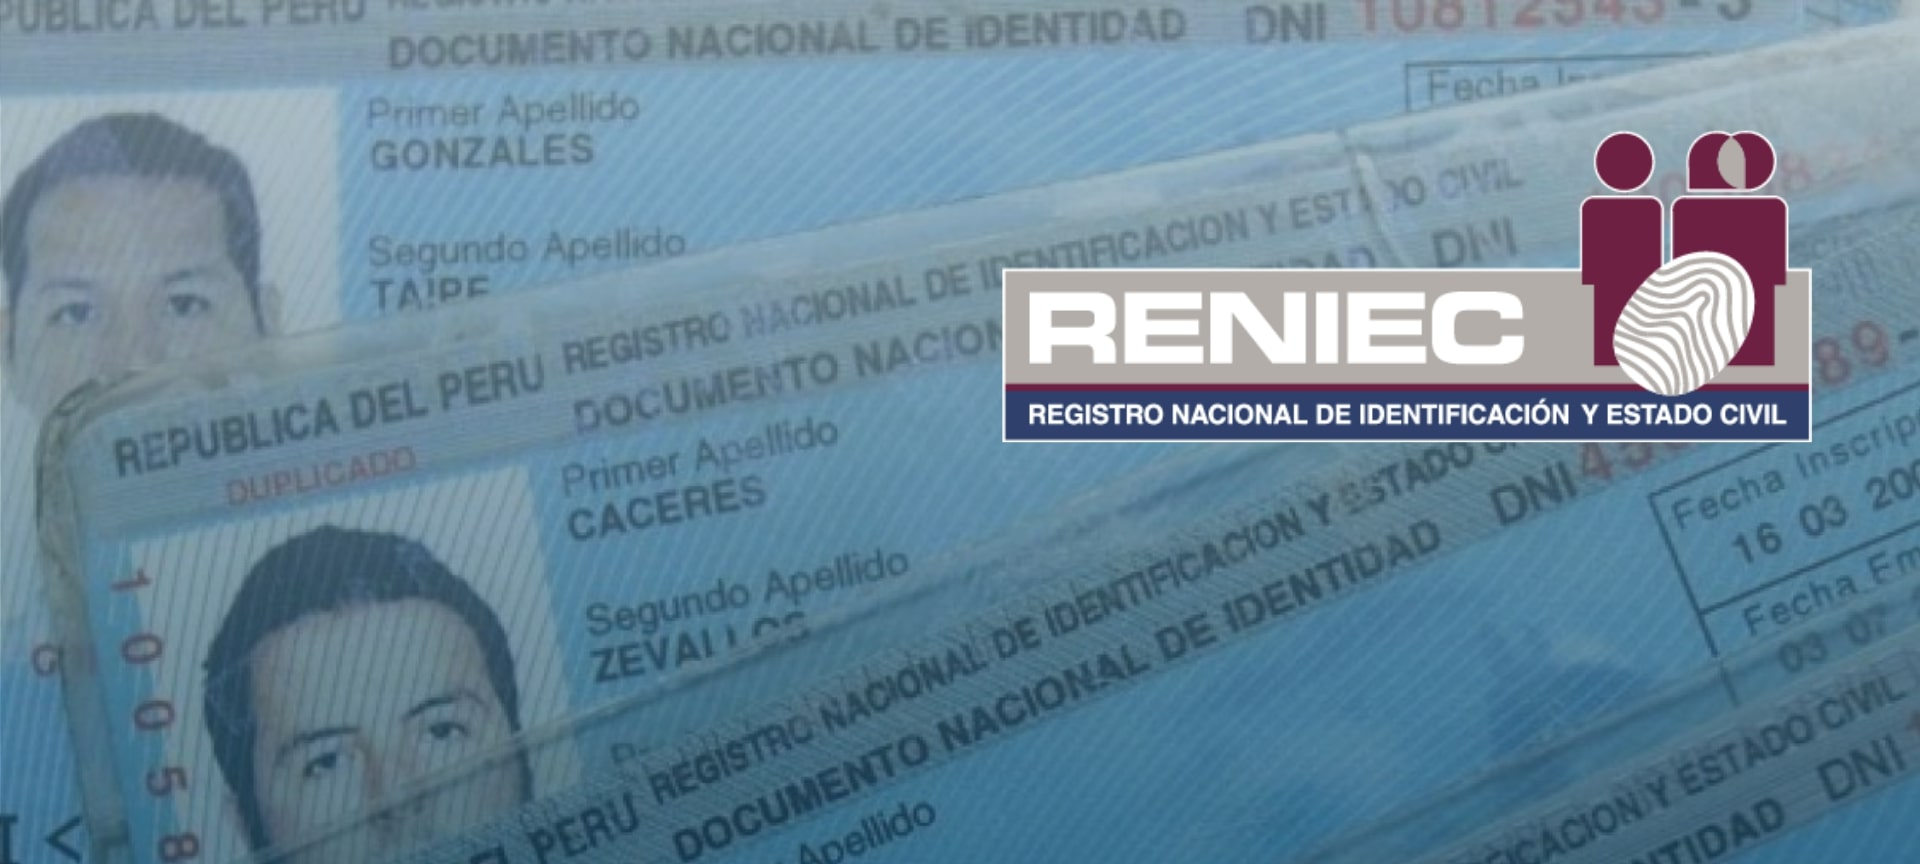 Consulta DNI 🥇 Buscar personas en la Reniec 🥇 【Actualizado 2020】